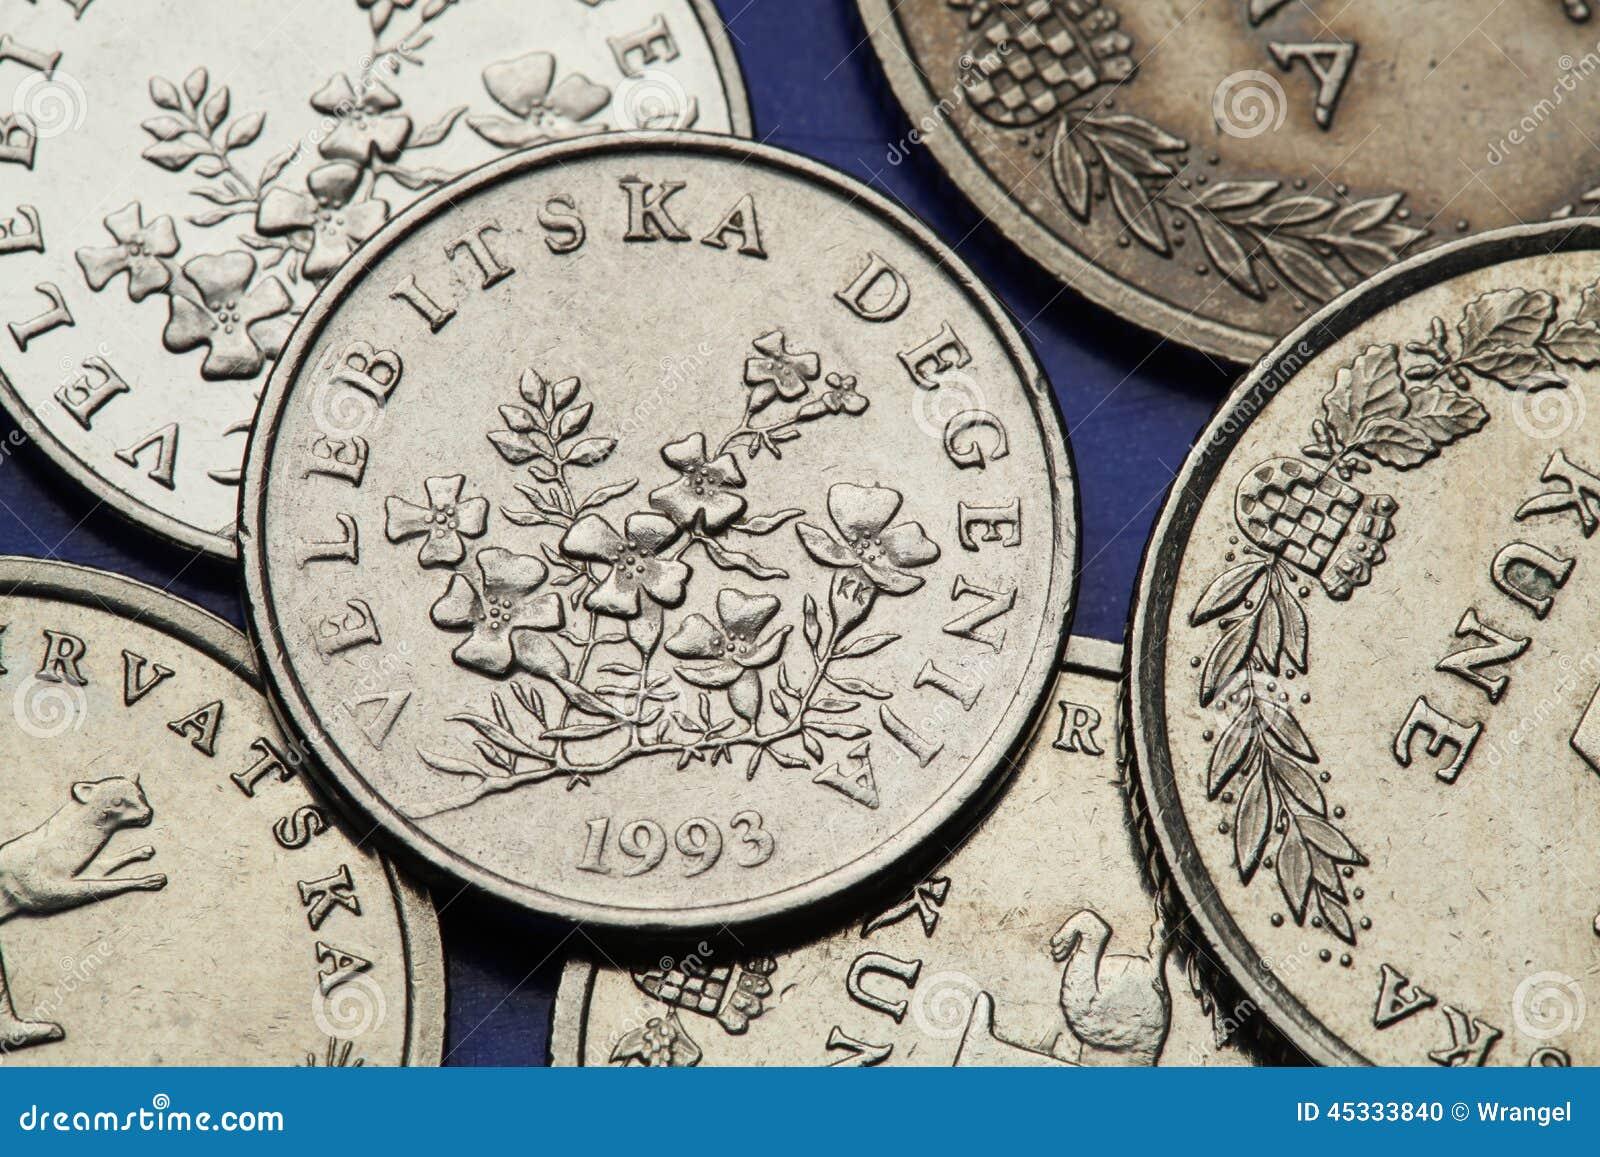 Münzen Von Kroatien Stockfoto Bild Von Niemand Geld 45333840